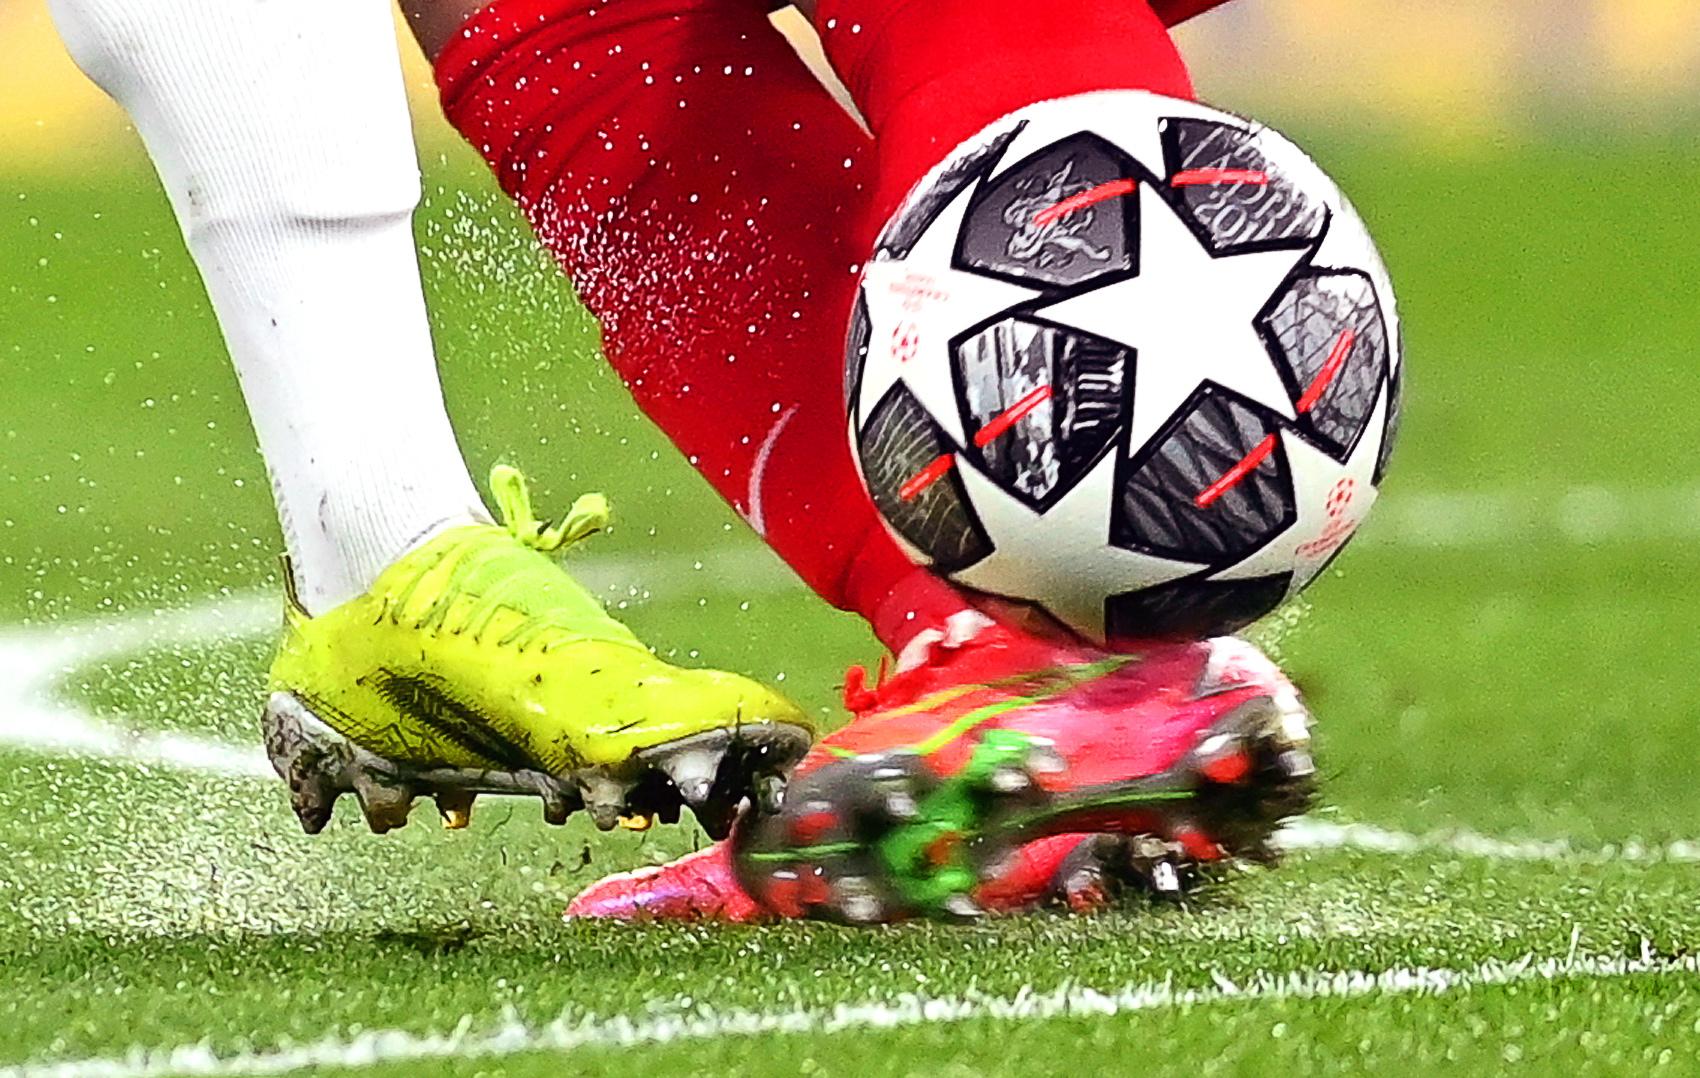 Последние битвы перед Стамбулом: в Лиге чемпионов стартуют огненные полуфиналы